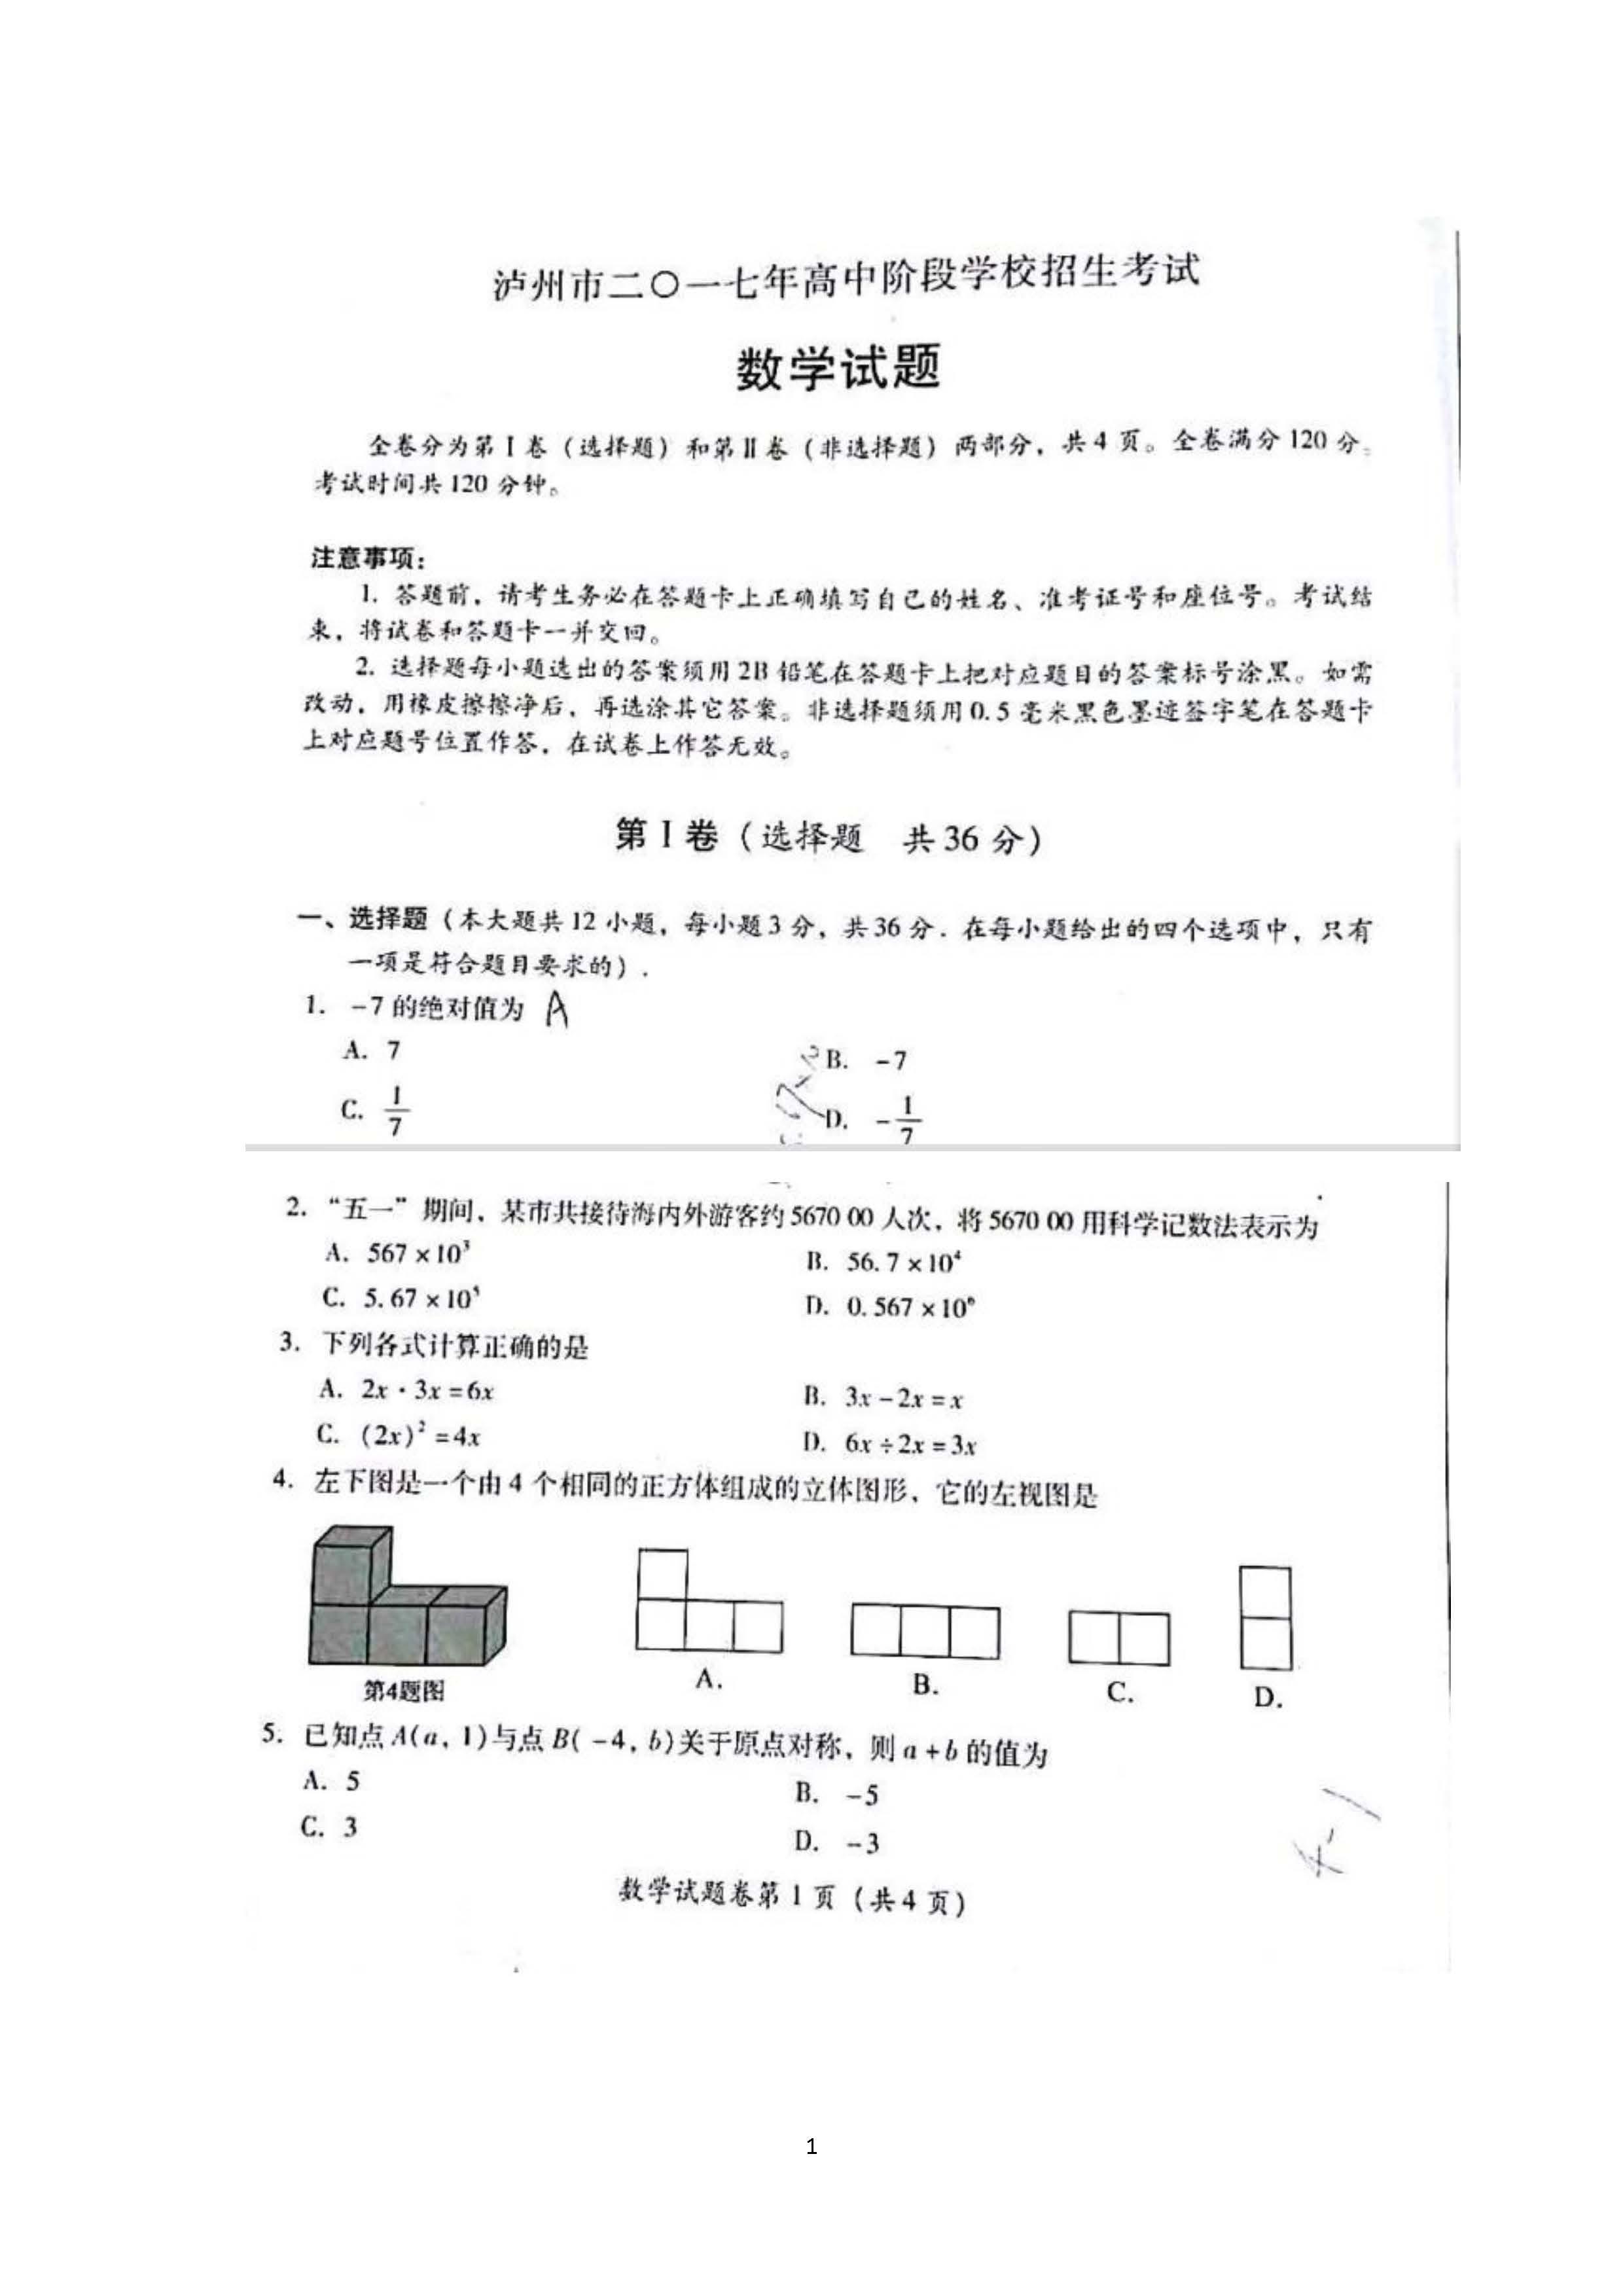 2017泸州中考数学试题及答案解析(图片版含答案)